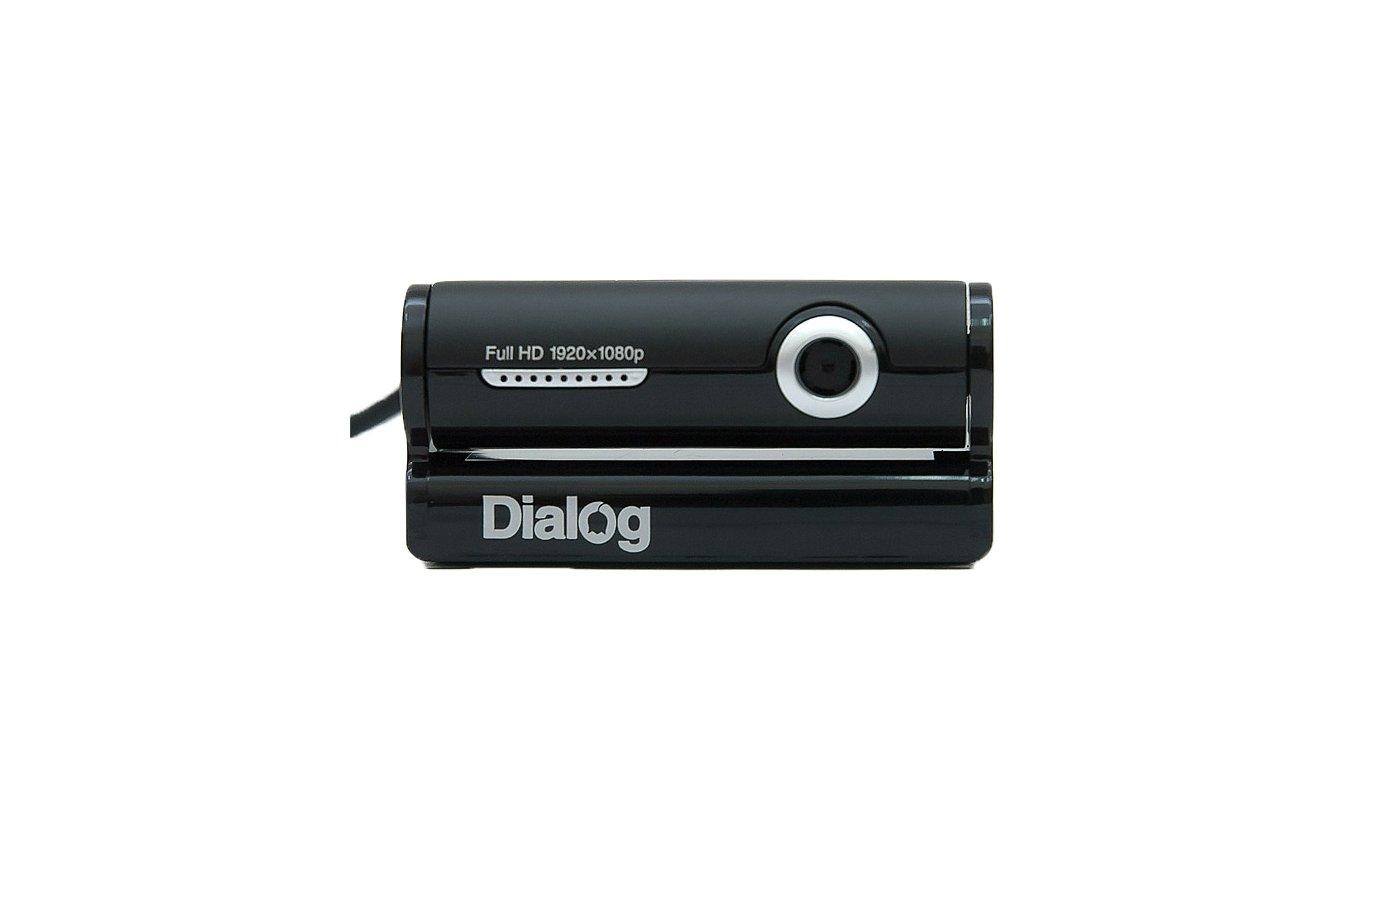 Веб-камера Dialog WC-33U silver - 3.0M Full HD